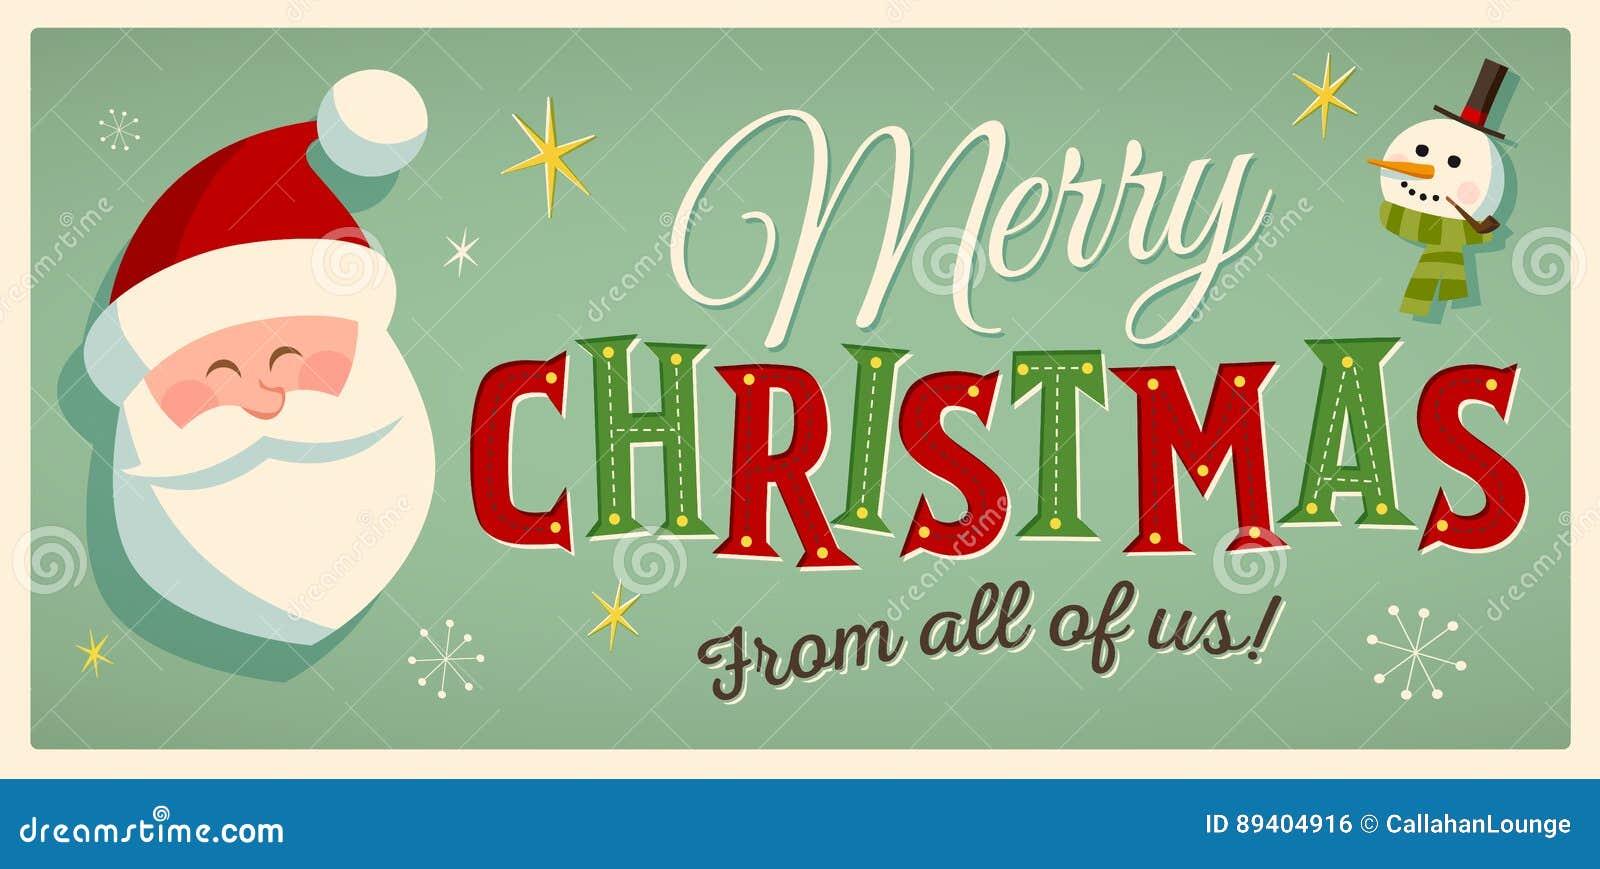 Cartão de Natal do estilo do vintage com Santa Claus e um boneco de neve EPS10